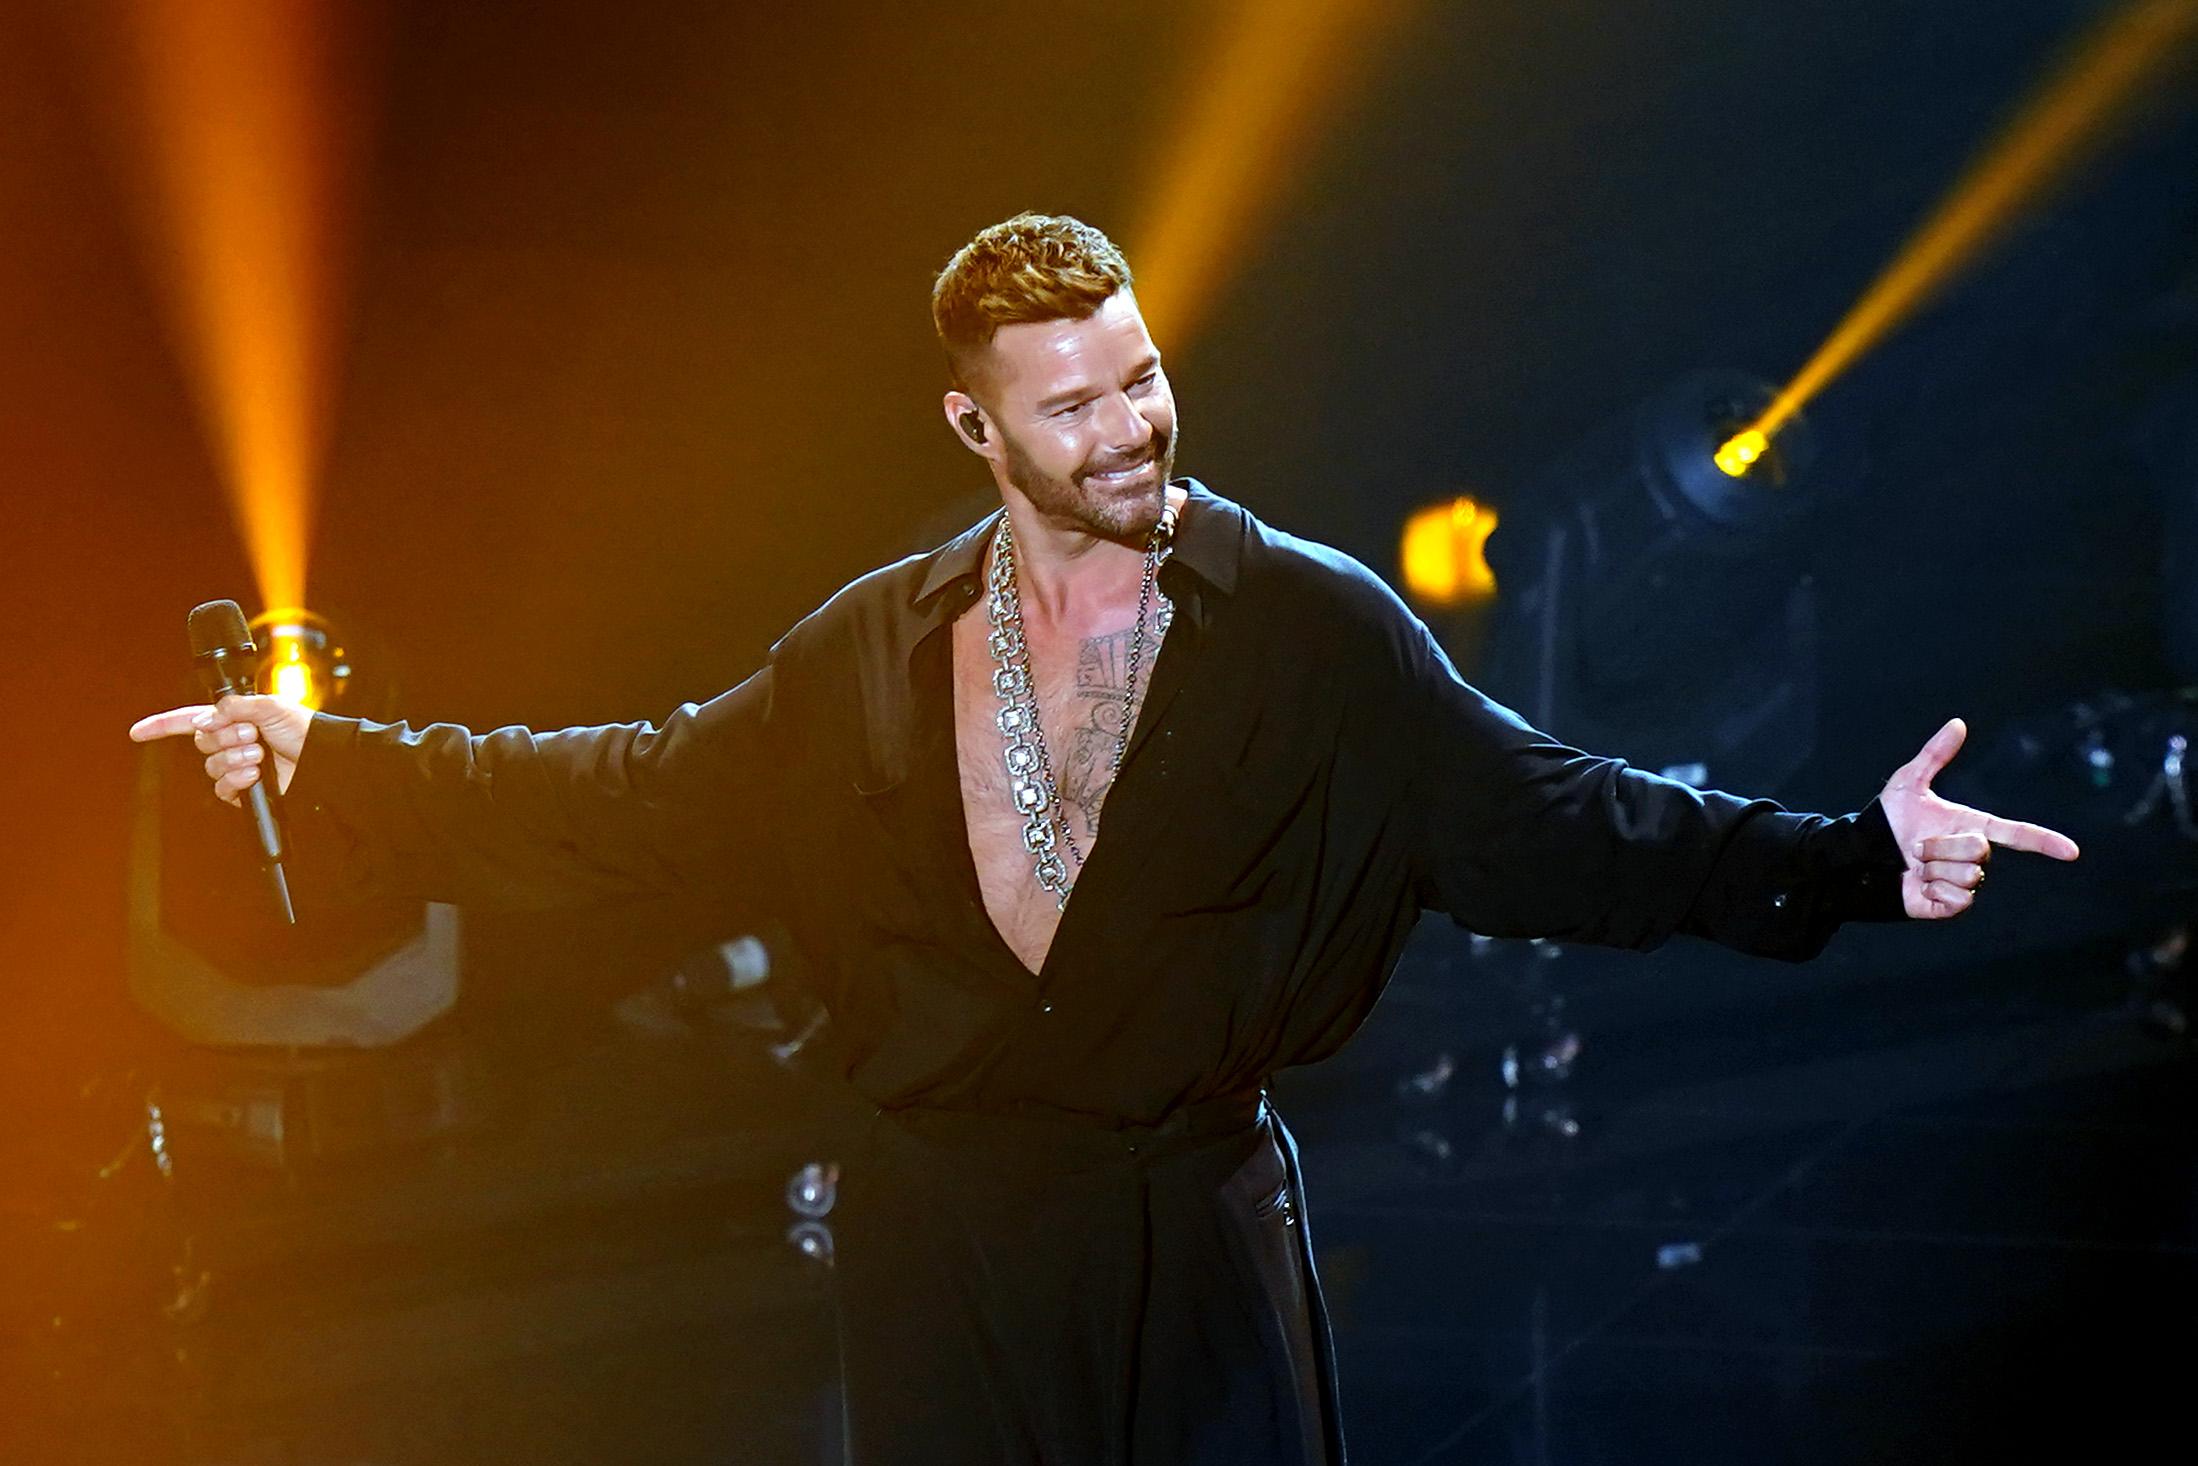 """Cuando le tocó el turno de cantar, Ricky Martin optó por un conjunto de camisa y pantalón holgado en el que se vio cómodo. Durante la tarde, el astro boricua, les dio a sus seguidores en las redes sociales varios """"updates"""" de cómo iba su preparación. (Foto: Suministrada/ Univisión)"""